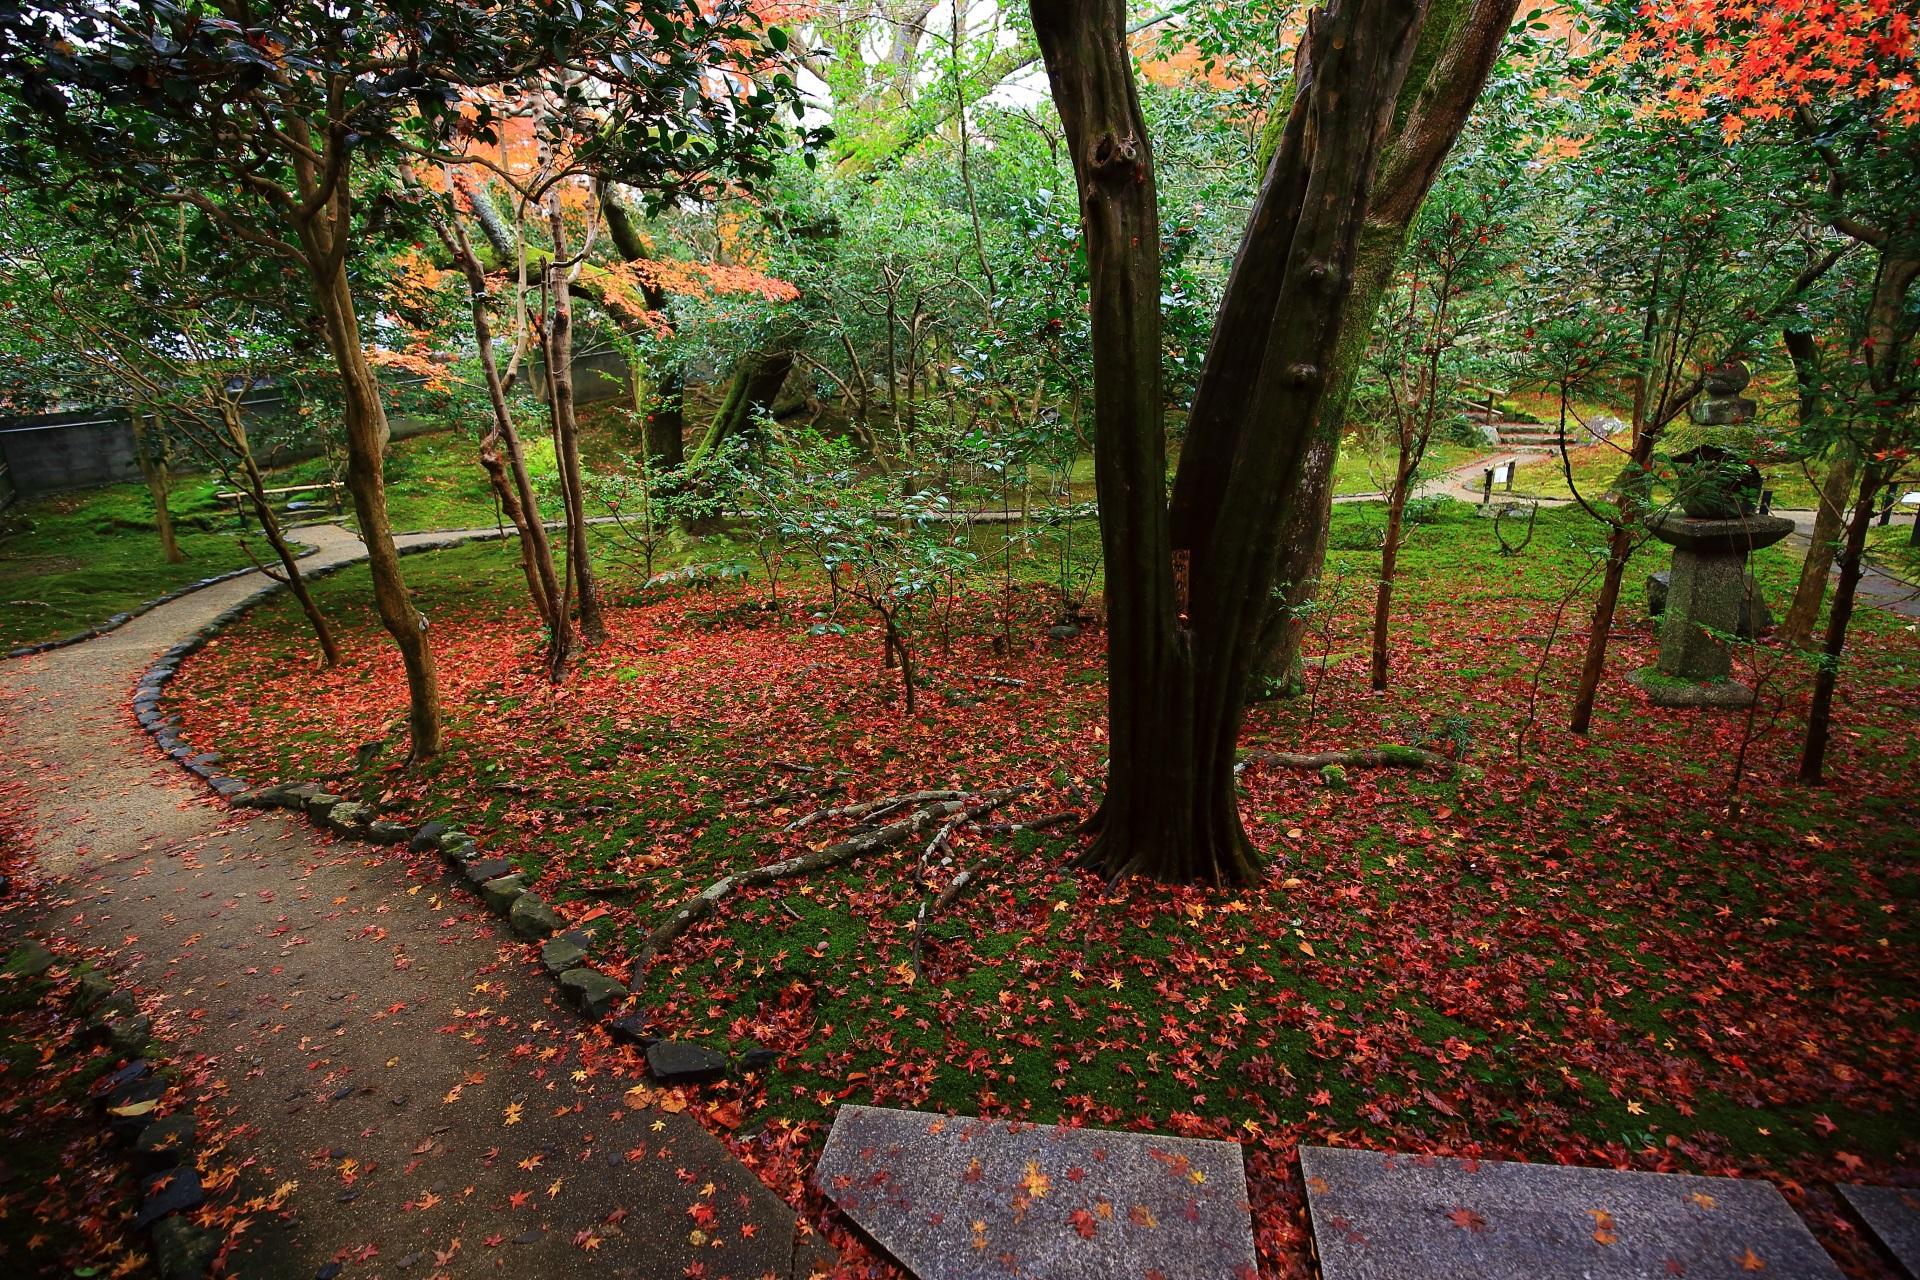 多種多様な緑や木々を彩る綺麗な散り紅葉